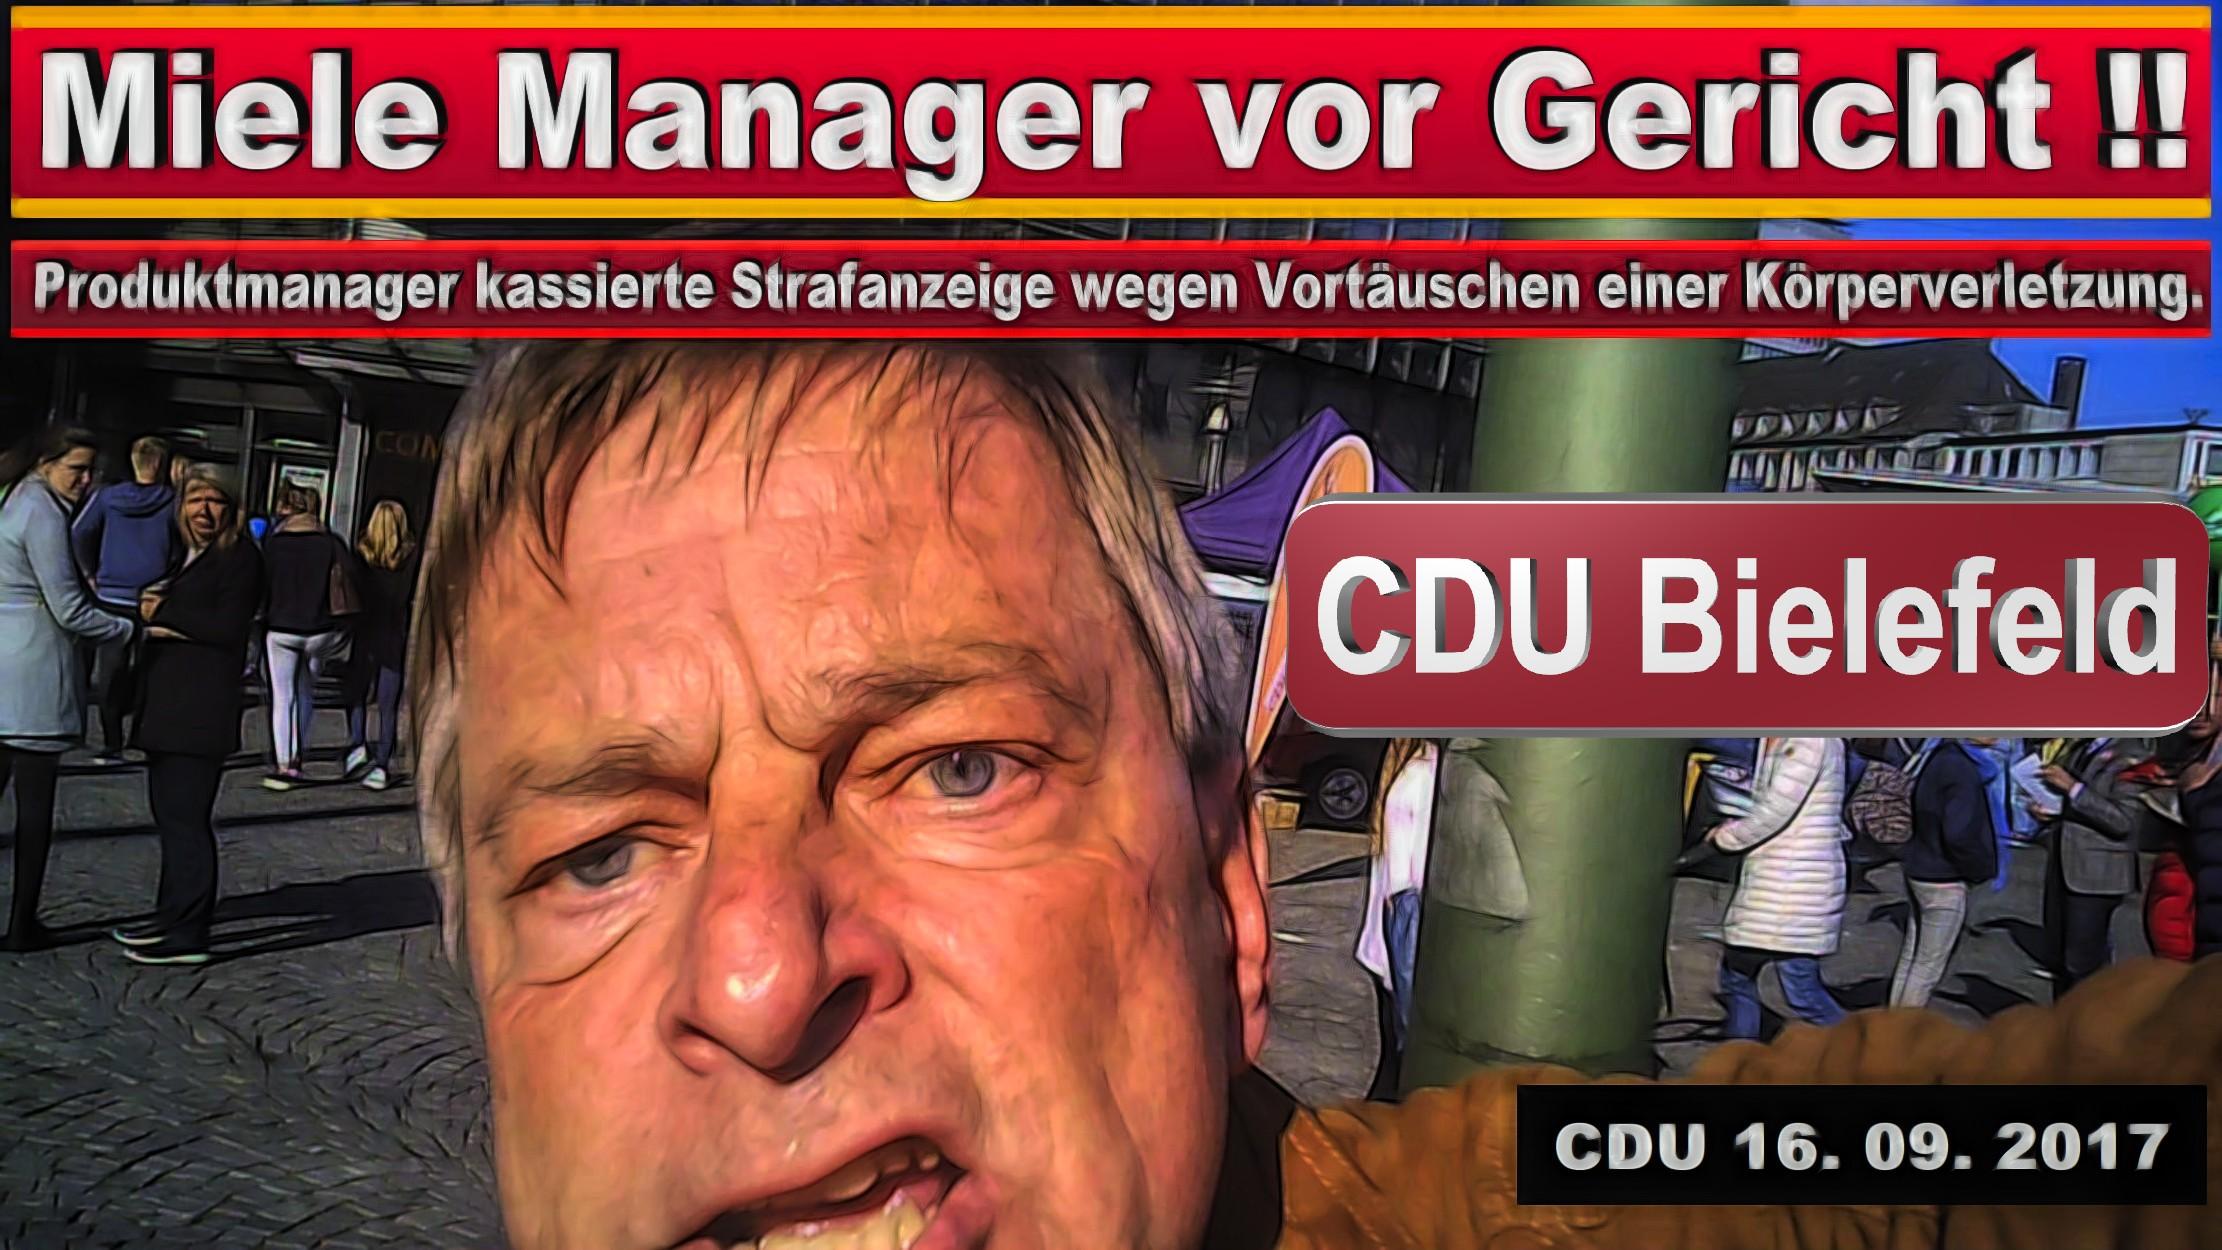 MICHAEL WEBER MIELE GüTERSLOH CDU BIELEFELD POLIZEIGEWALT GEWALTAUSBRUCH UND STRAFANZEIGE GEGEN EINEN JOURNALISTEN (4) CVEDIT KOPIE